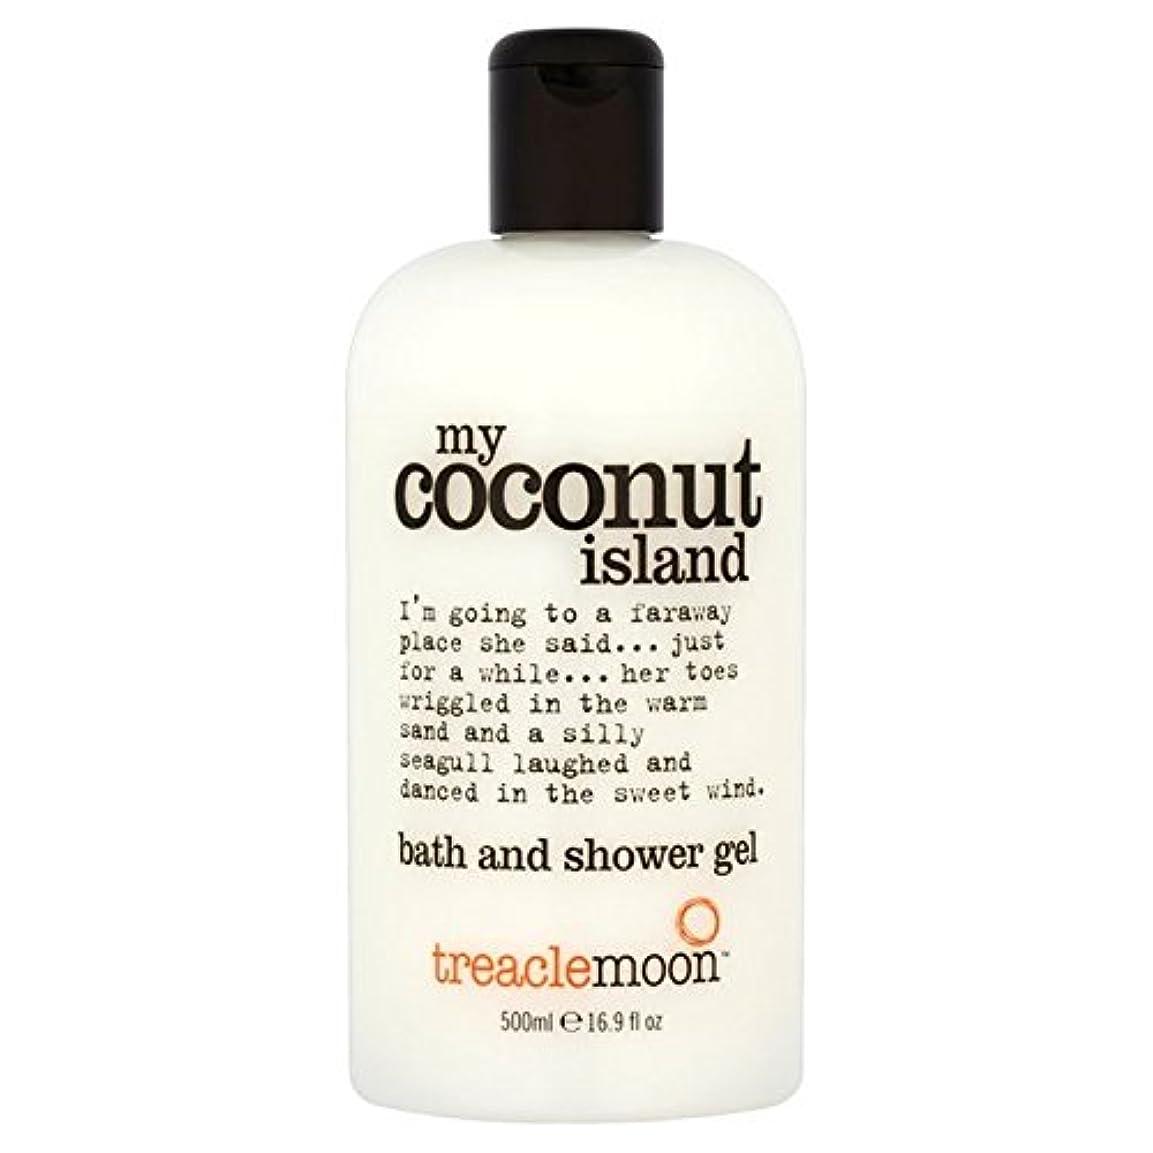 難しい地雷原遵守する糖蜜月ココナッツ島のバス&シャワージェル500ミリリットル x2 - Treacle Moon Coconut Island Bath & Shower Gel 500ml (Pack of 2) [並行輸入品]